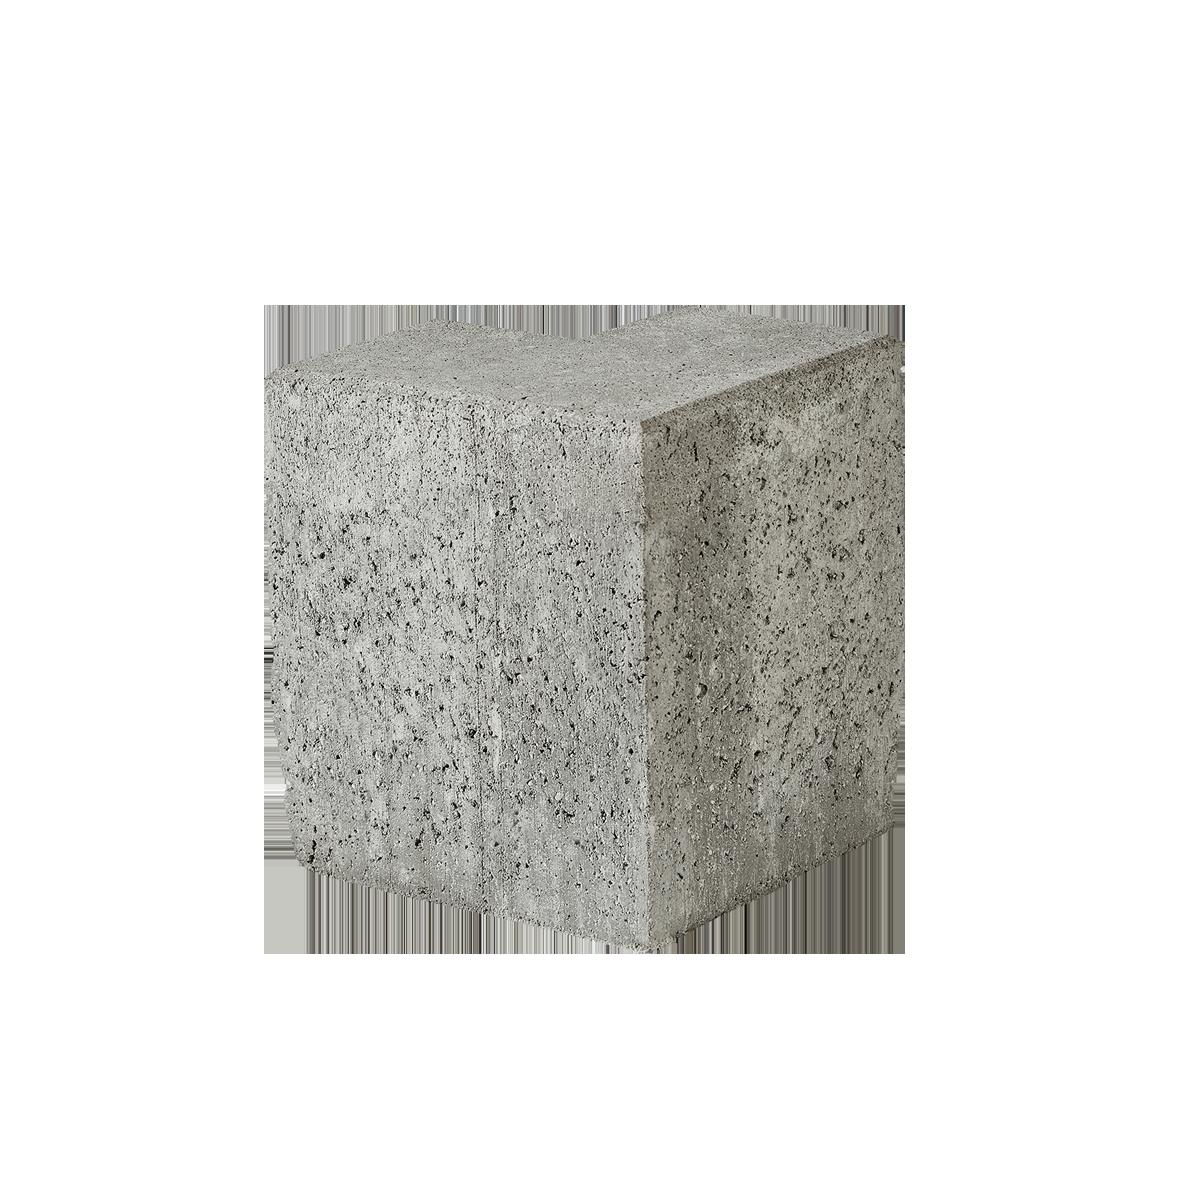 Albertslundkantsten 15x30x25 cm Grå hjørner